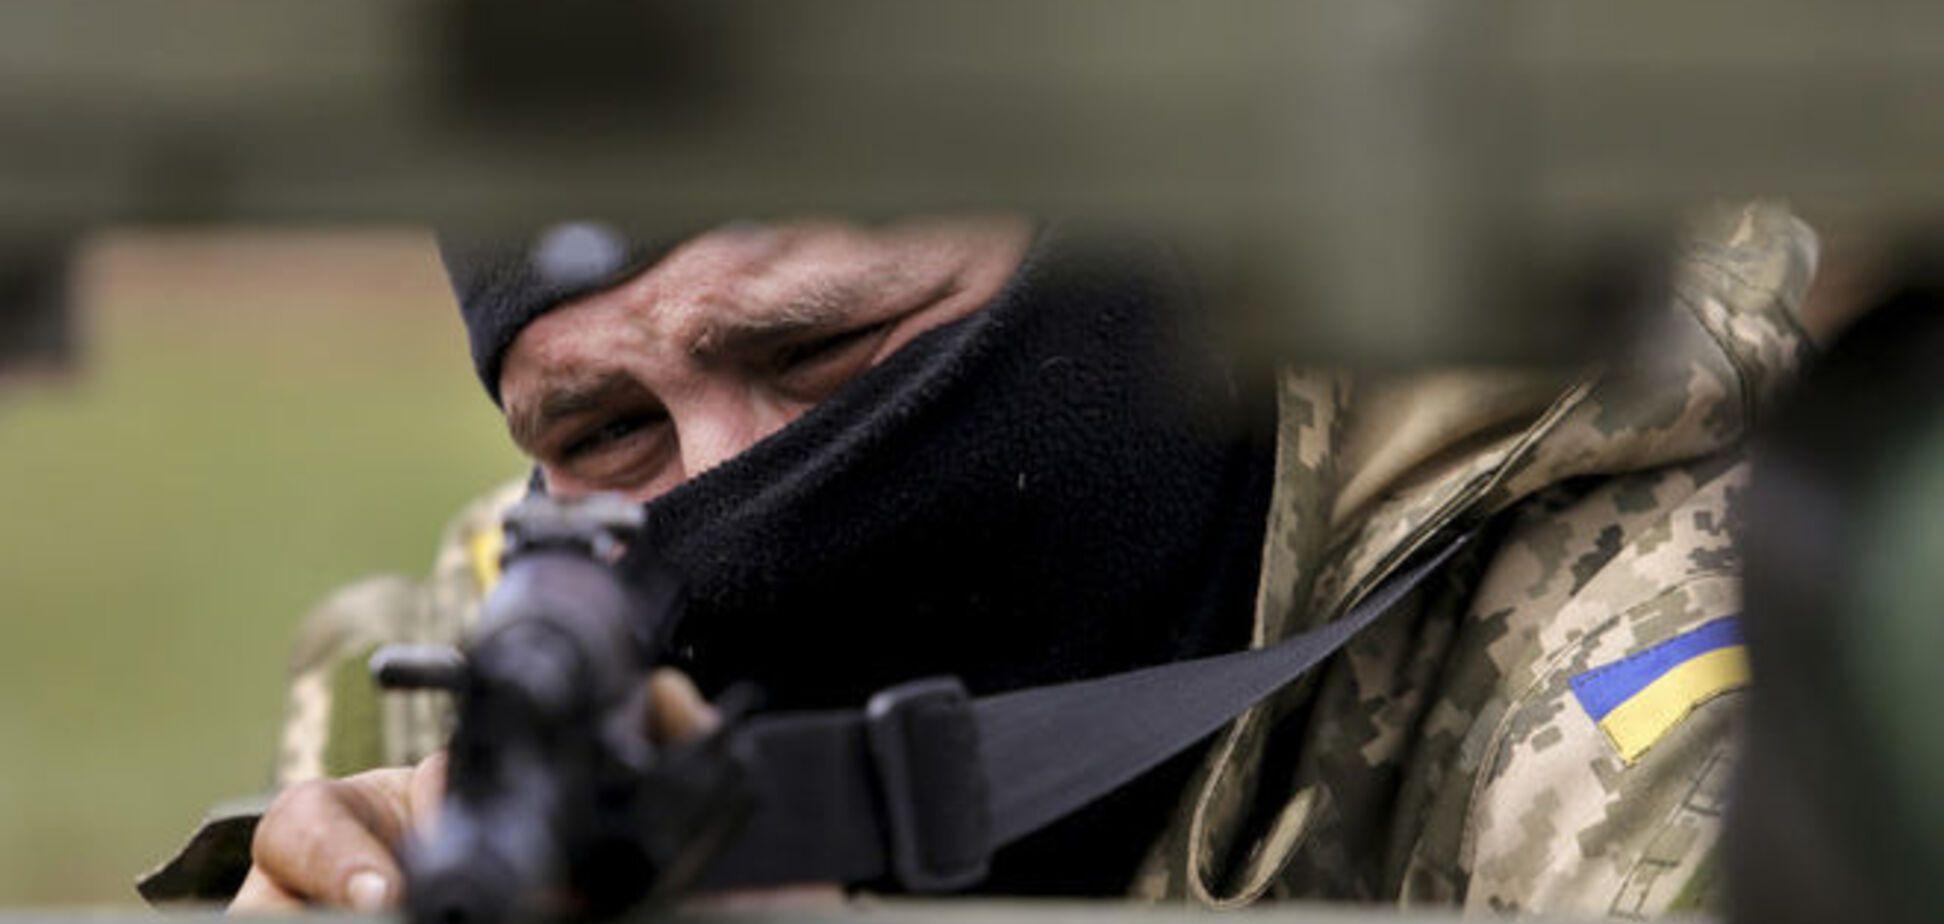 Бойцы АТО вступили в бой с террористами в Ленинском: есть раненые